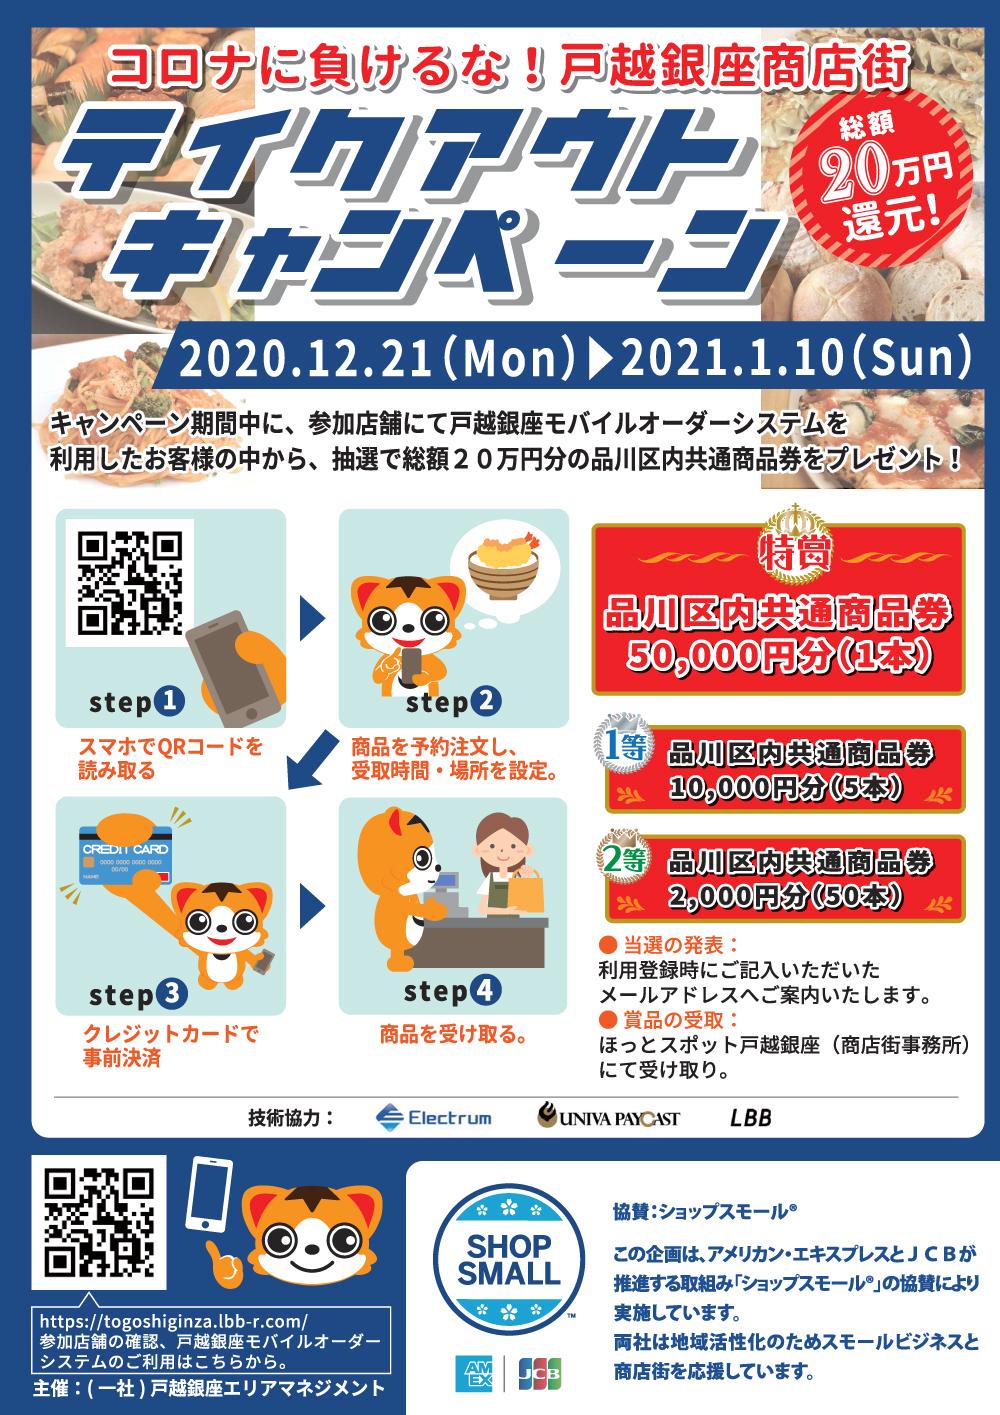 コロナに負けるな!戸越銀座商店街テイクアウトキャンペーン開催!